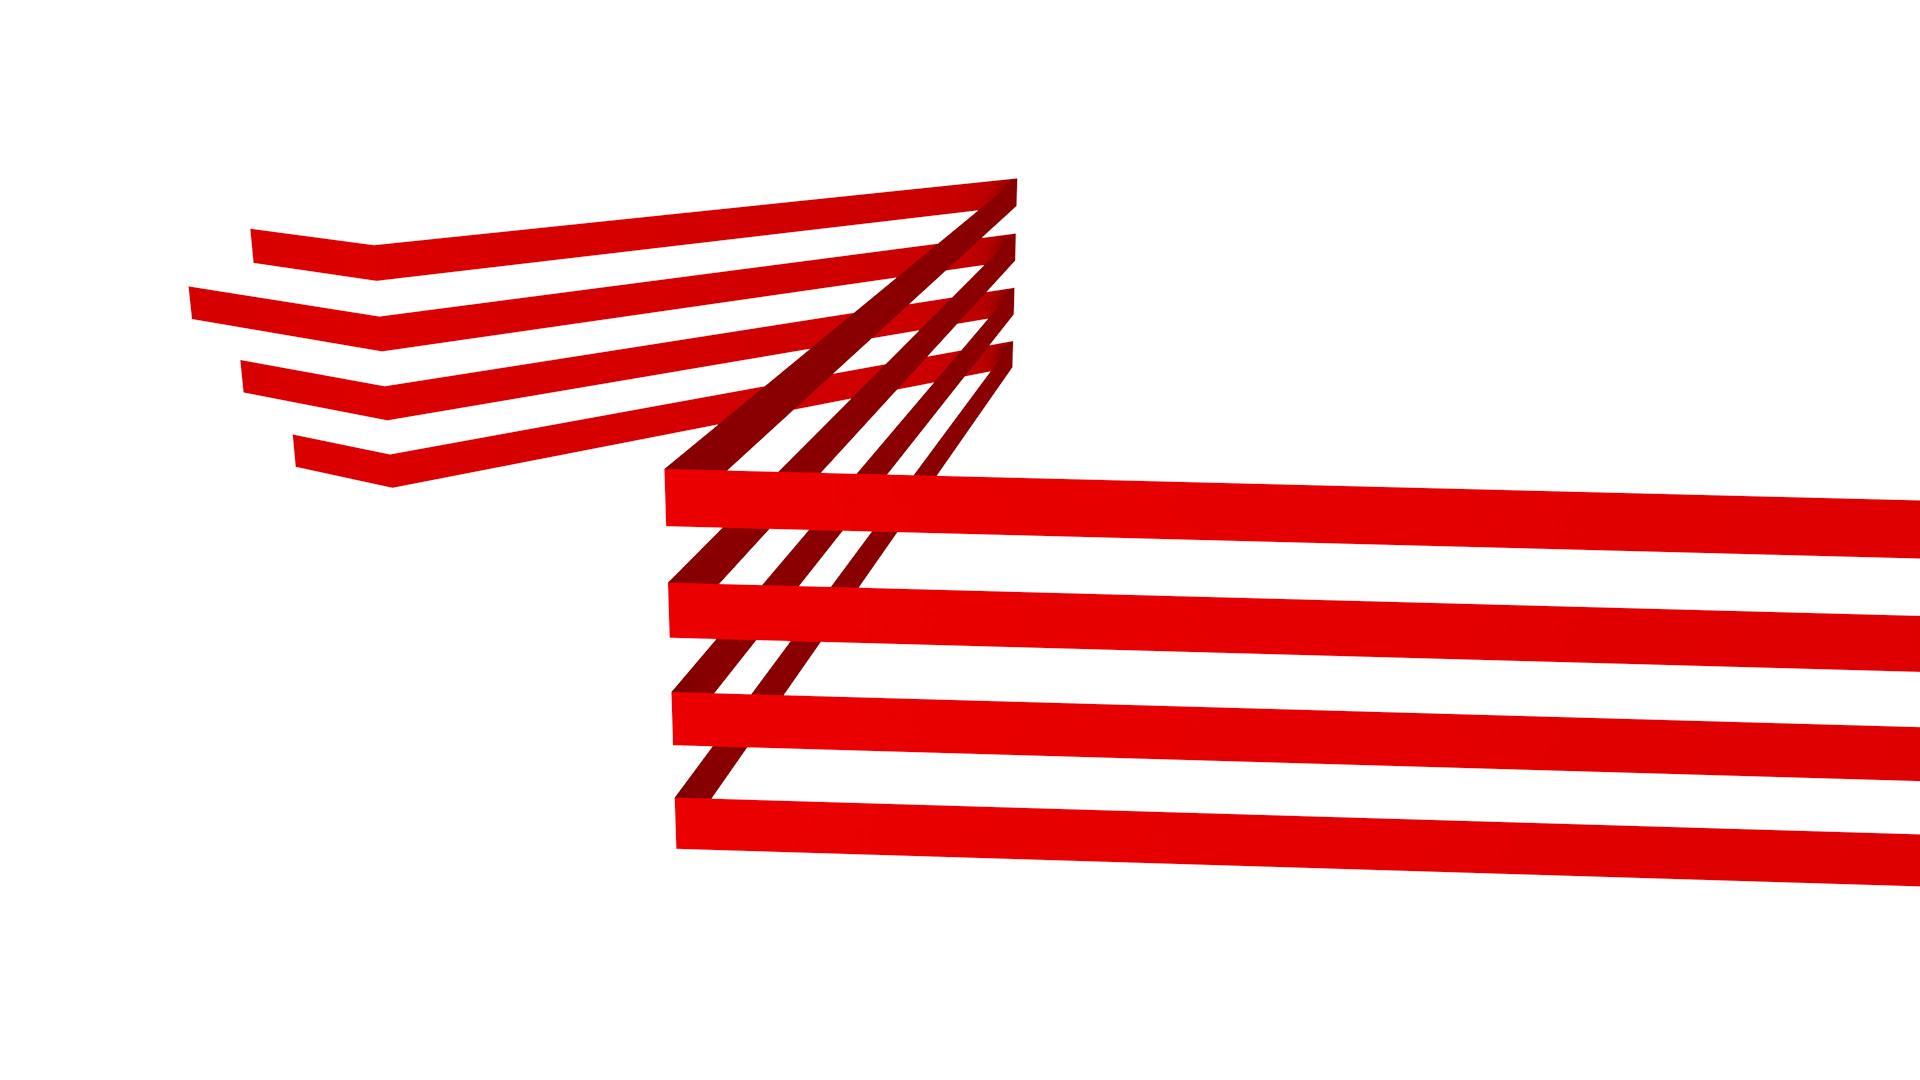 Diseño Marca Identidad corporativa Fundació Catalana per a l'Esport